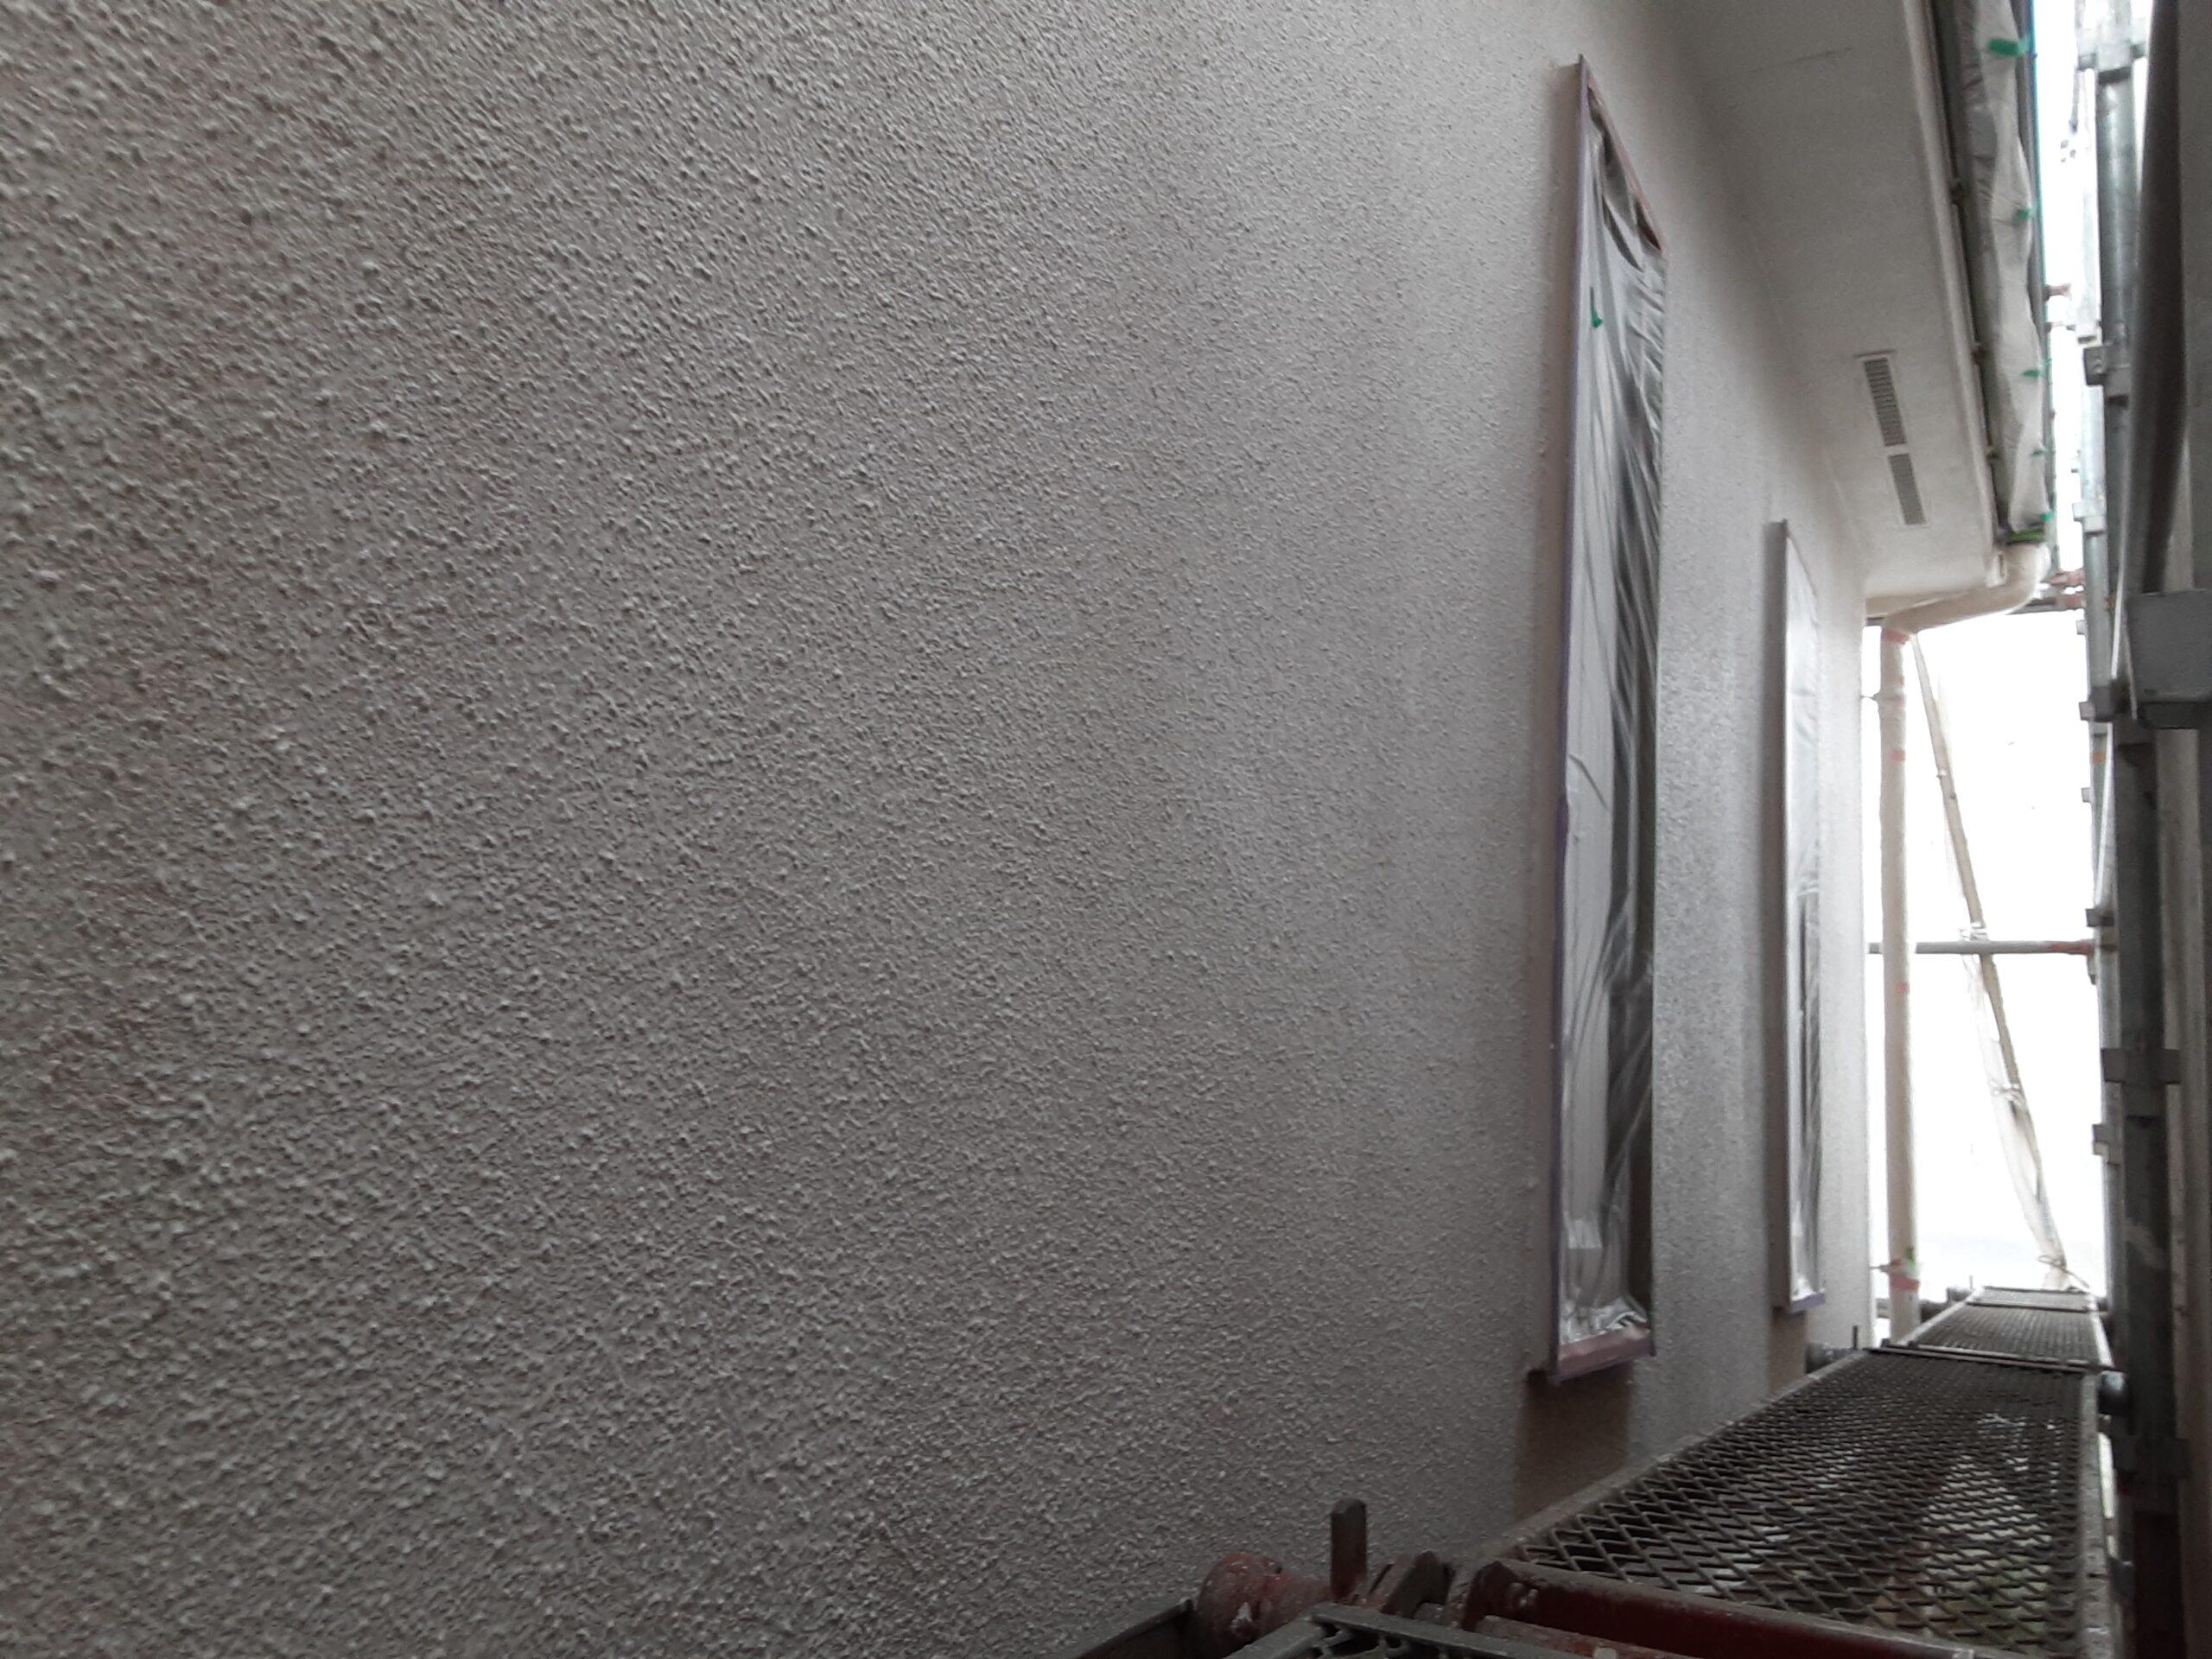 埼玉県さいたま市 屋根、外壁の下塗り塗装/さいたま市大宮区の(木造2階建て)W様邸にて塗り替えリホーム中